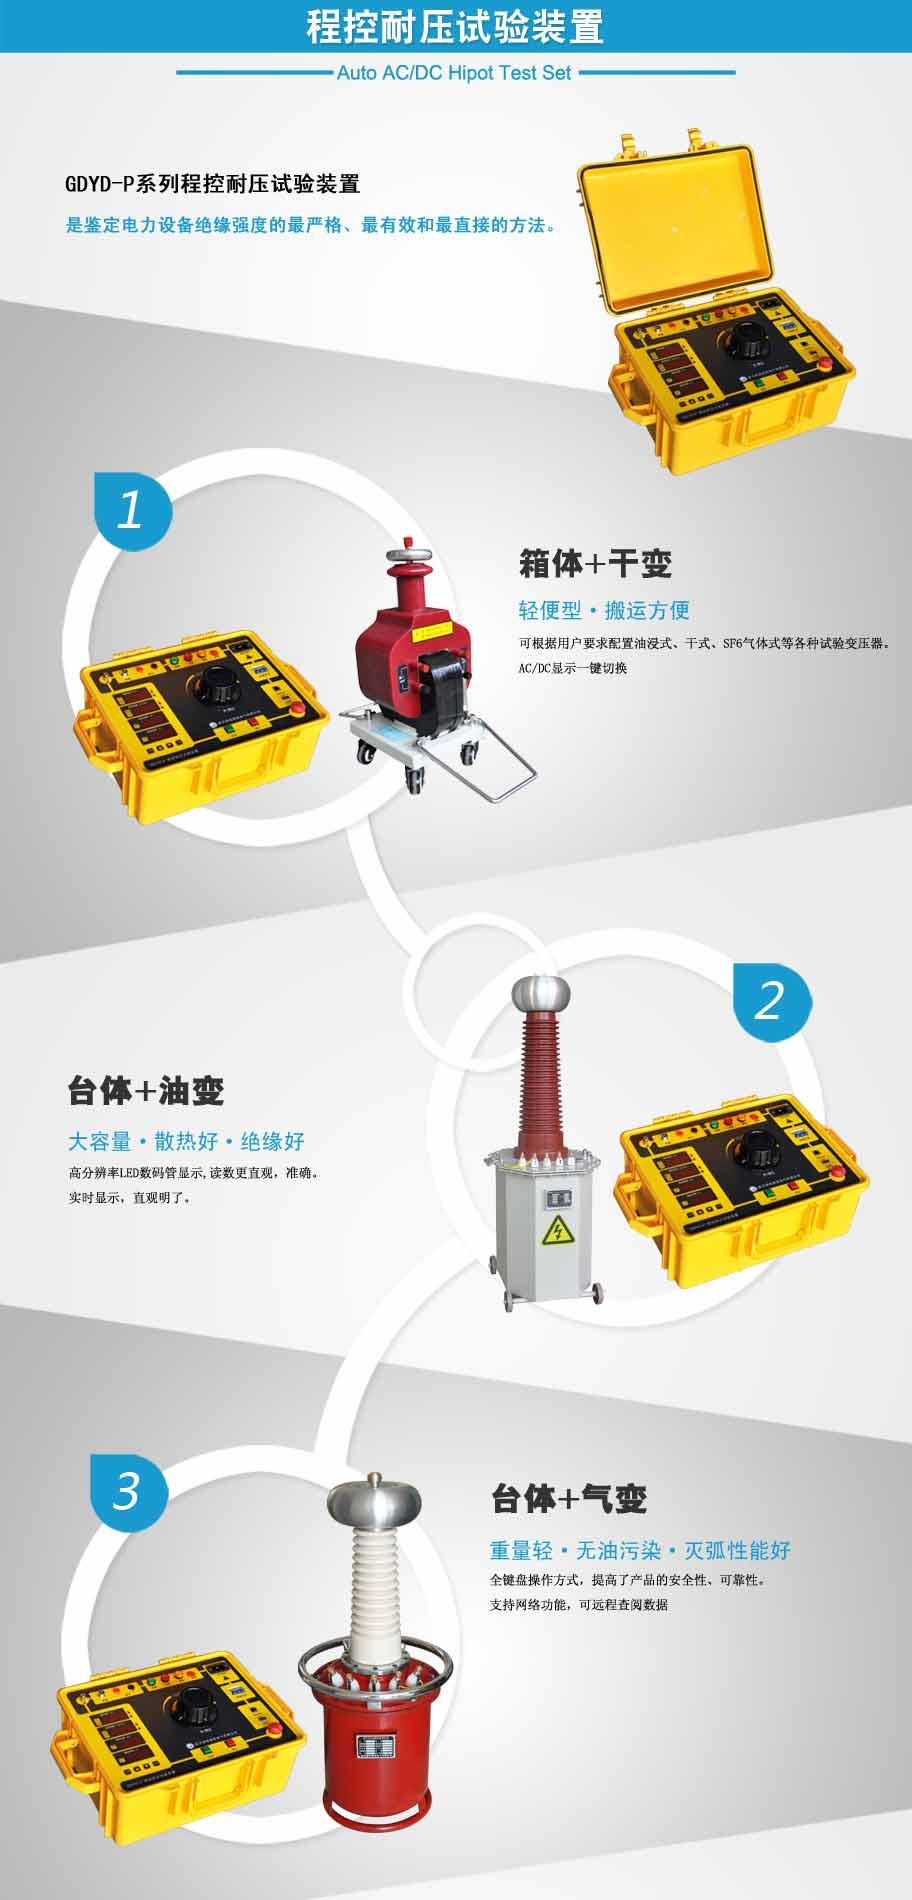 (选配)  配备串级变压器和双高压变压器,实现不同电压等级的耐压试验.